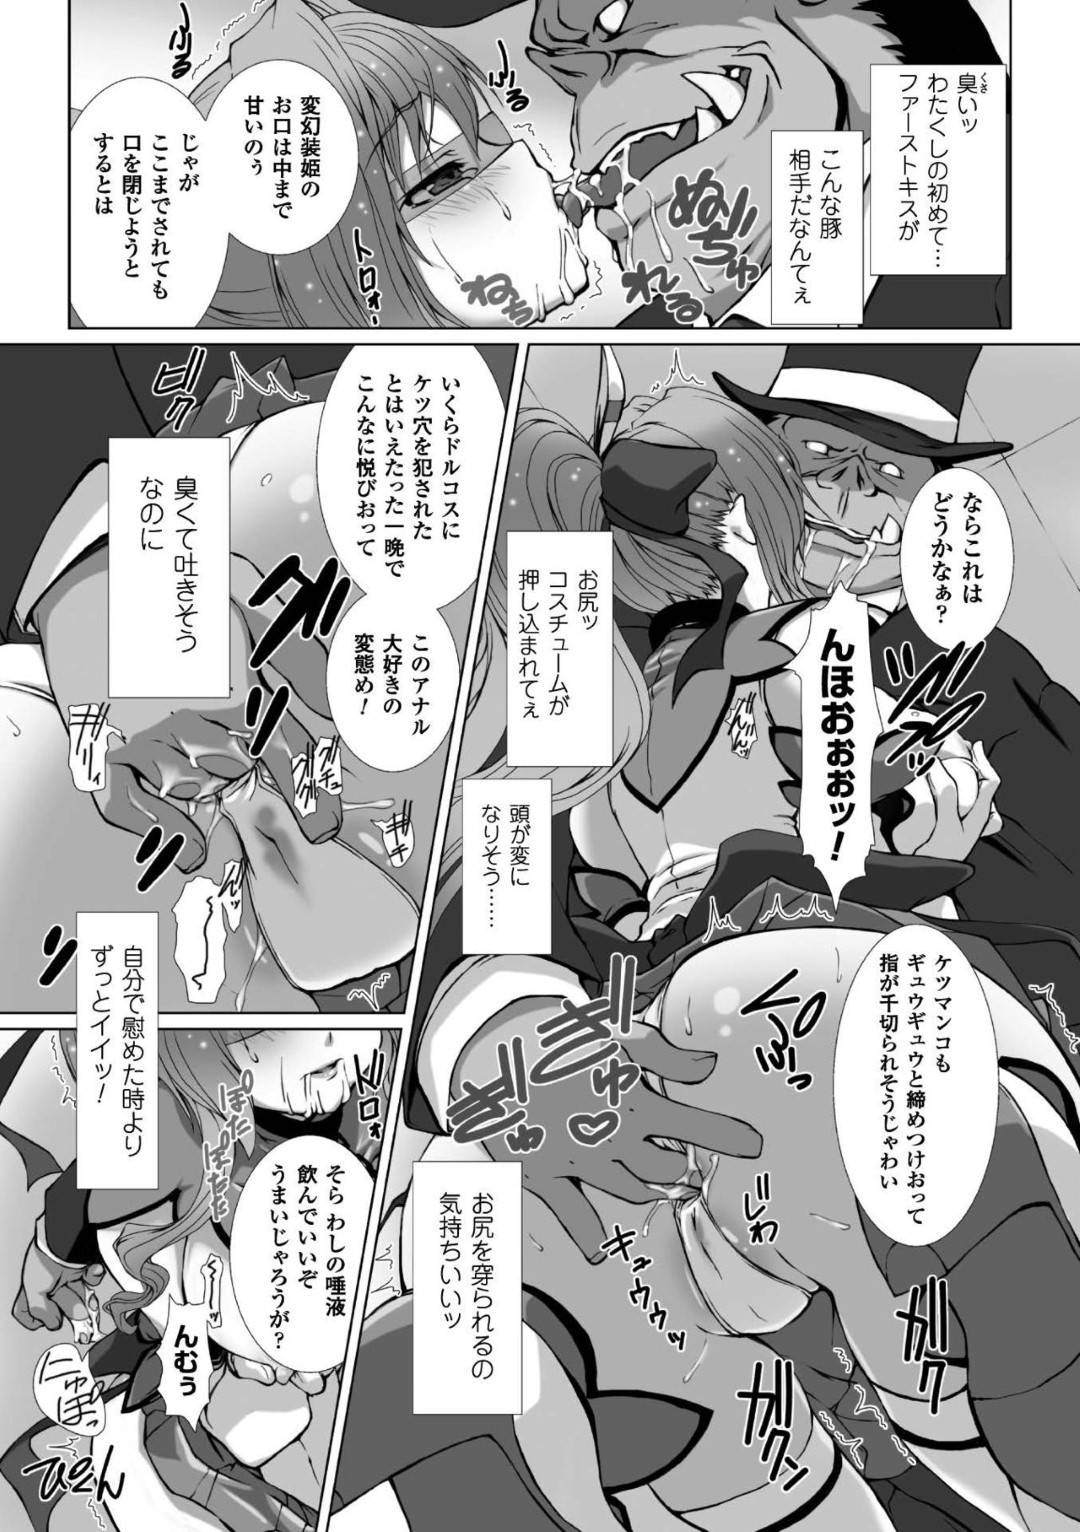 【エロ漫画】媚薬レイプされた身体が疼く変身ヒロイン…日常生活に戻りJKの状態でもオナニーをしてしまうように!次の相手の豚魔人に拘束されファーストキスを奪われてしまう!さらにそれだけでは終わらず疼いた身体に巨根を挿入される!【高浜太郎:変幻装姫シャインミラージュ】